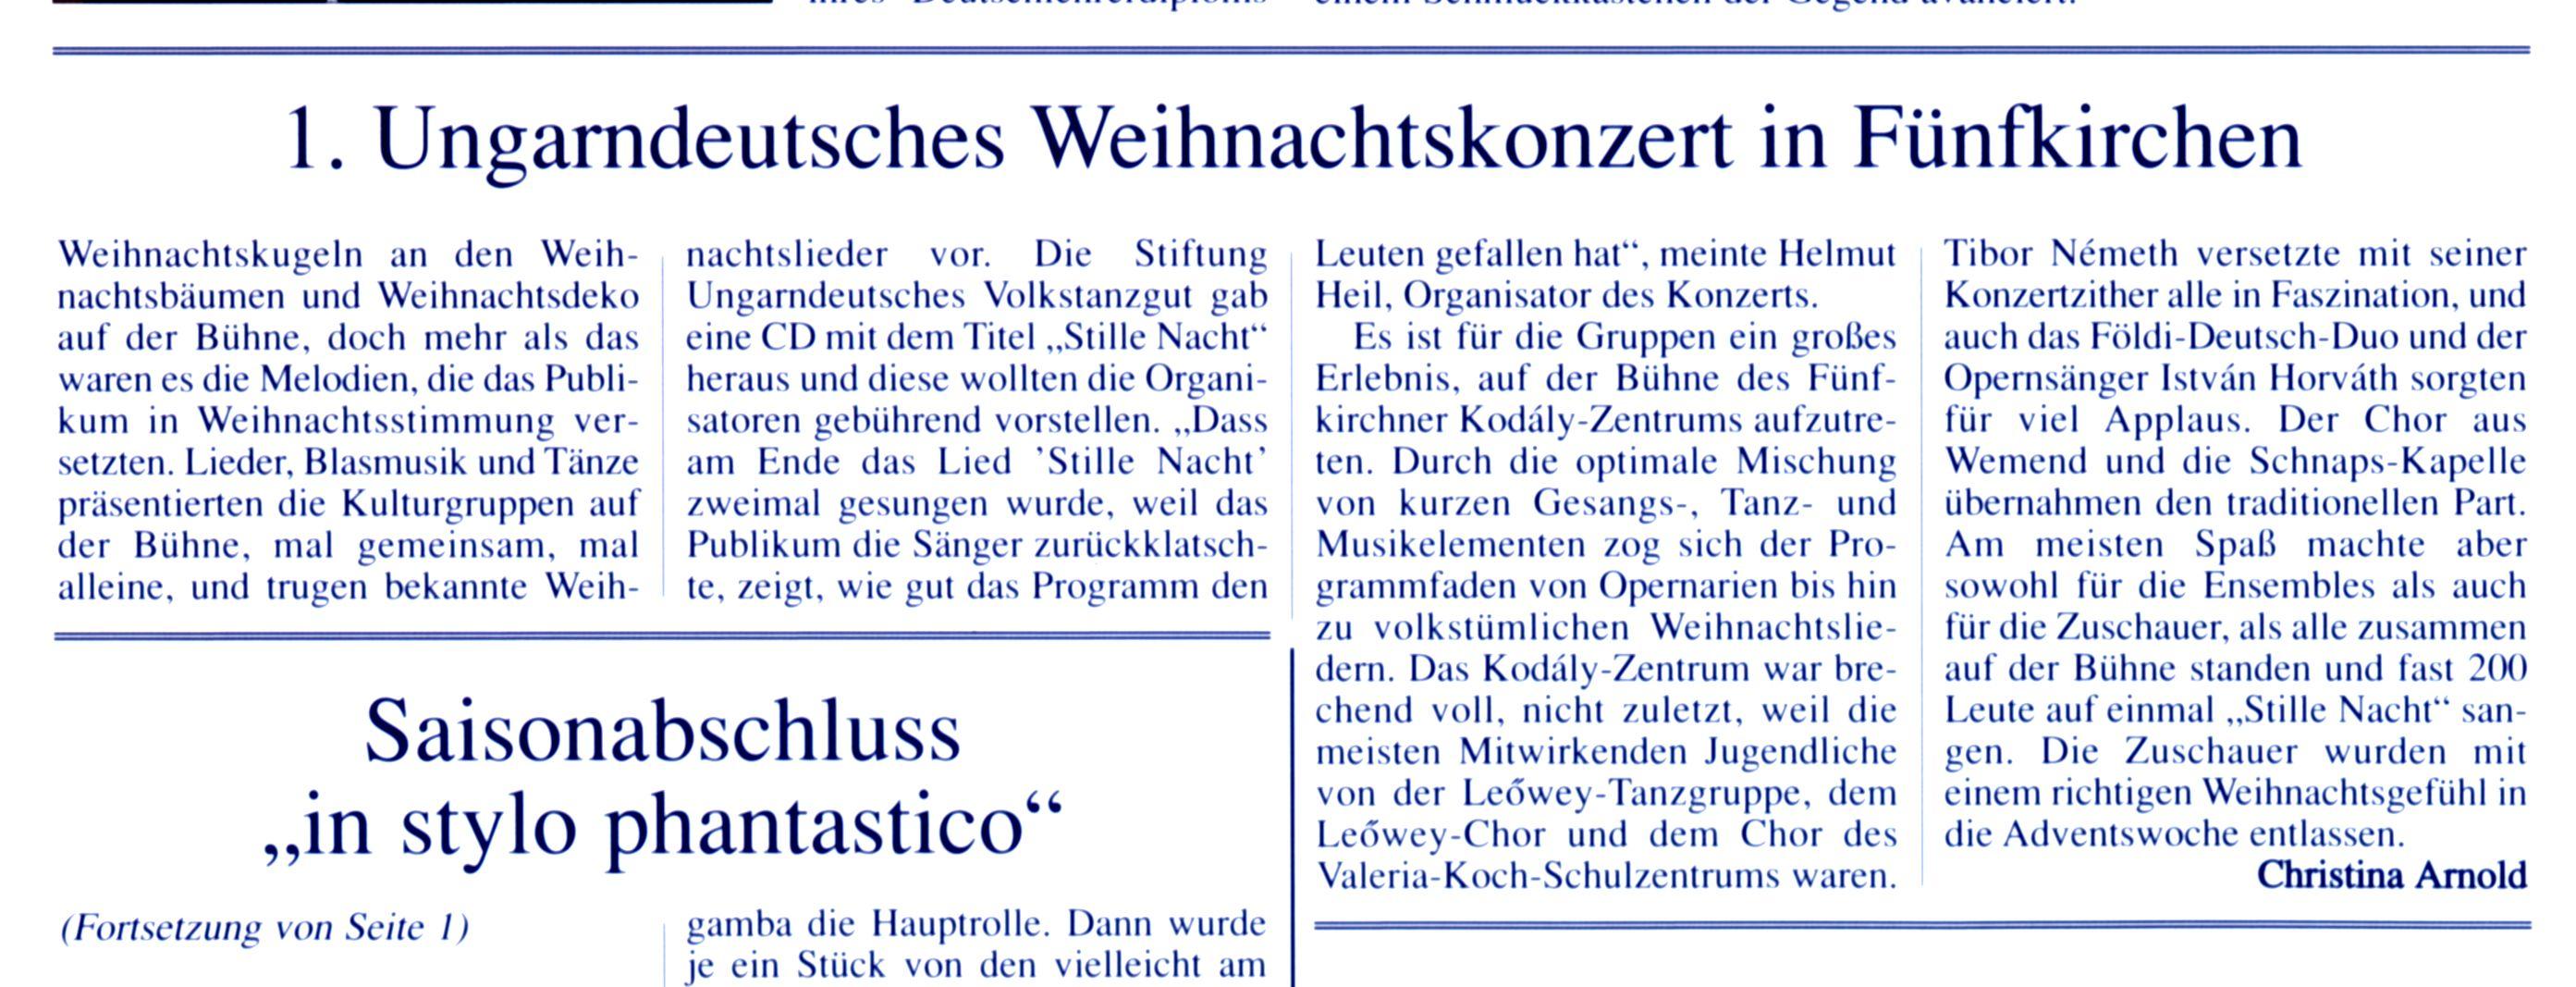 1. Ungarndeutsches Weihnachtskonzert in Fünfkirchen